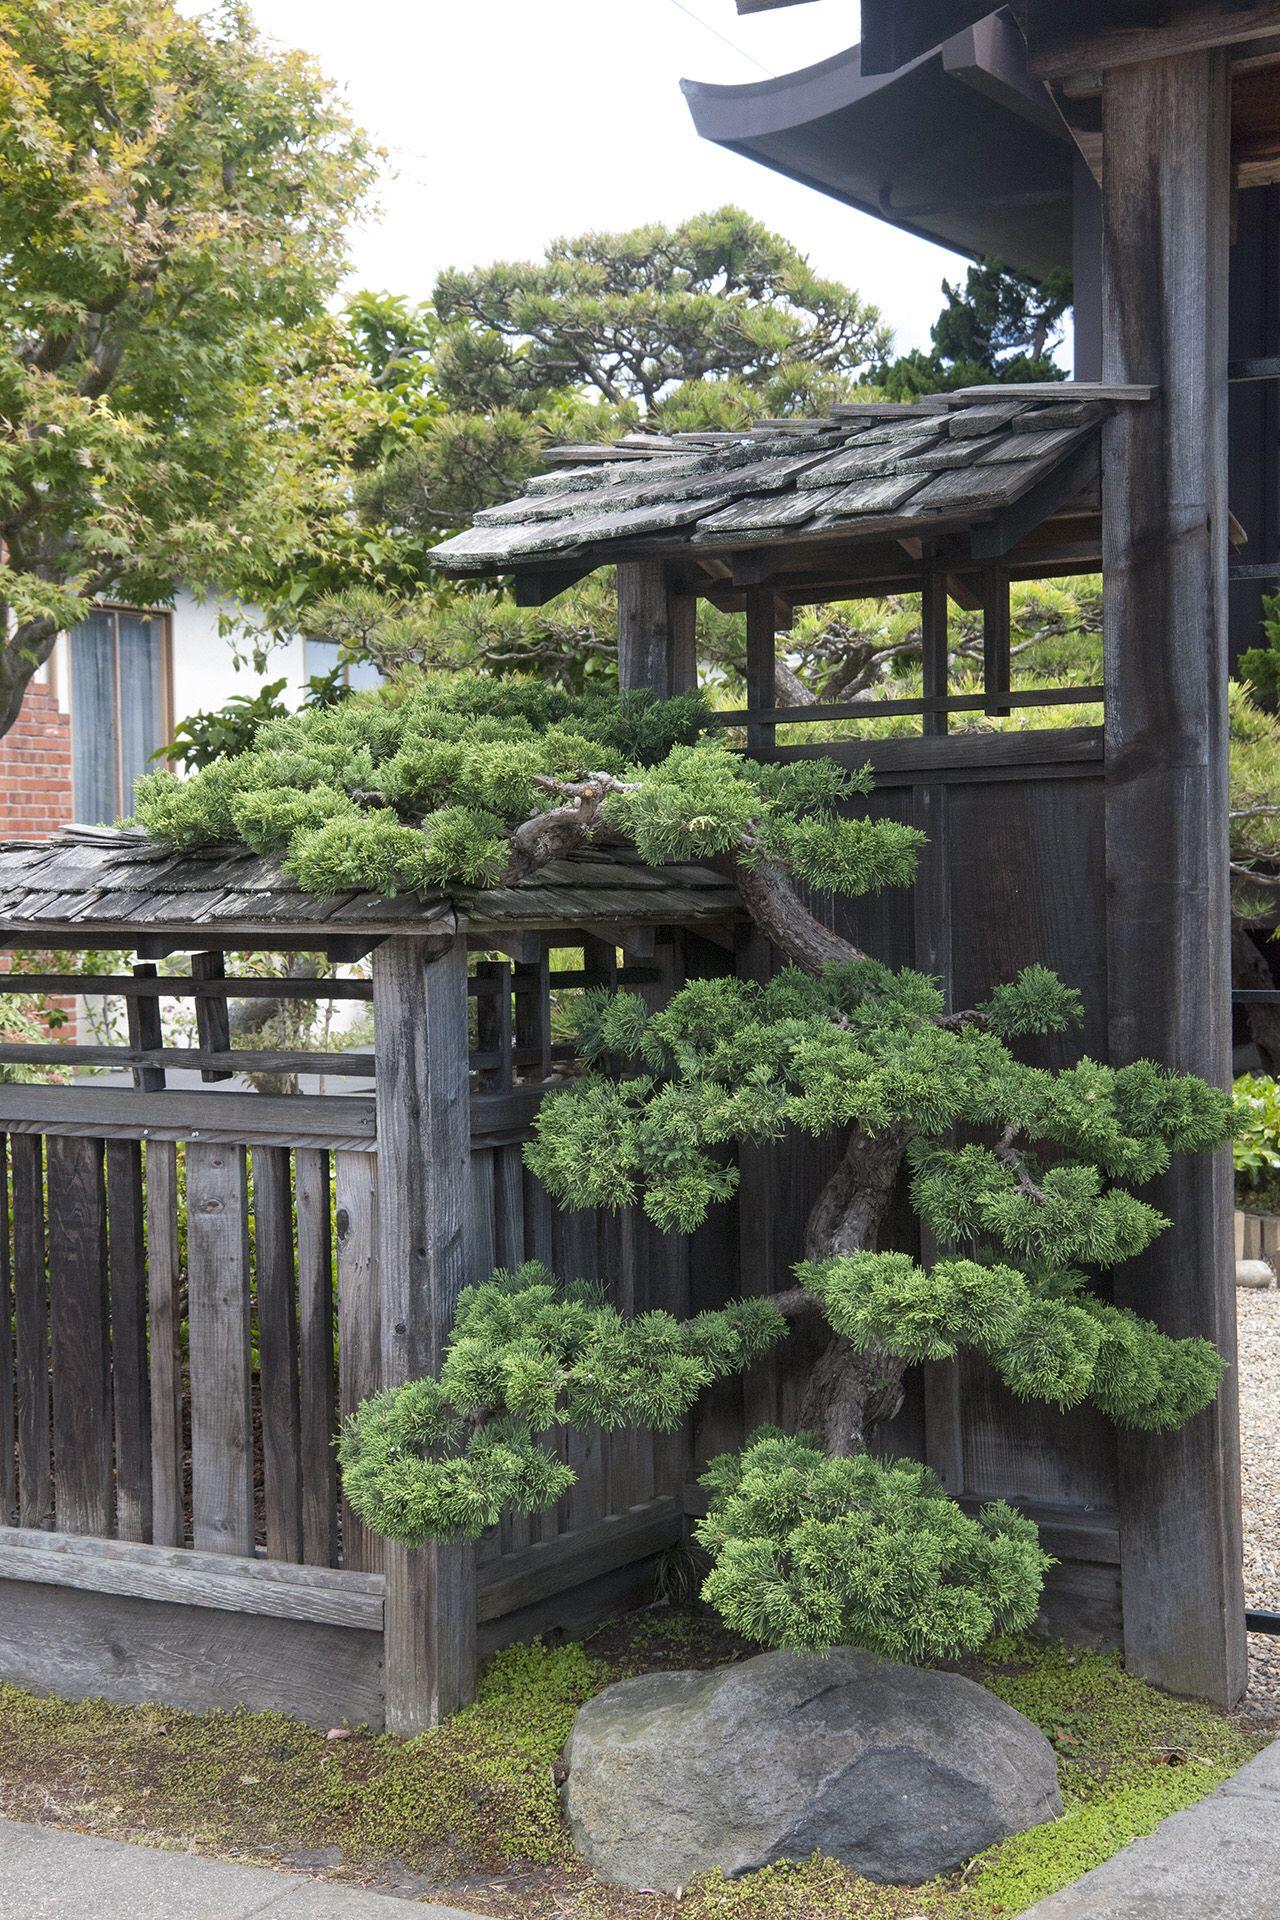 Salon De Jardin Asiatique Épinglé par fisbach sur jardin japonais | amenagement jardin